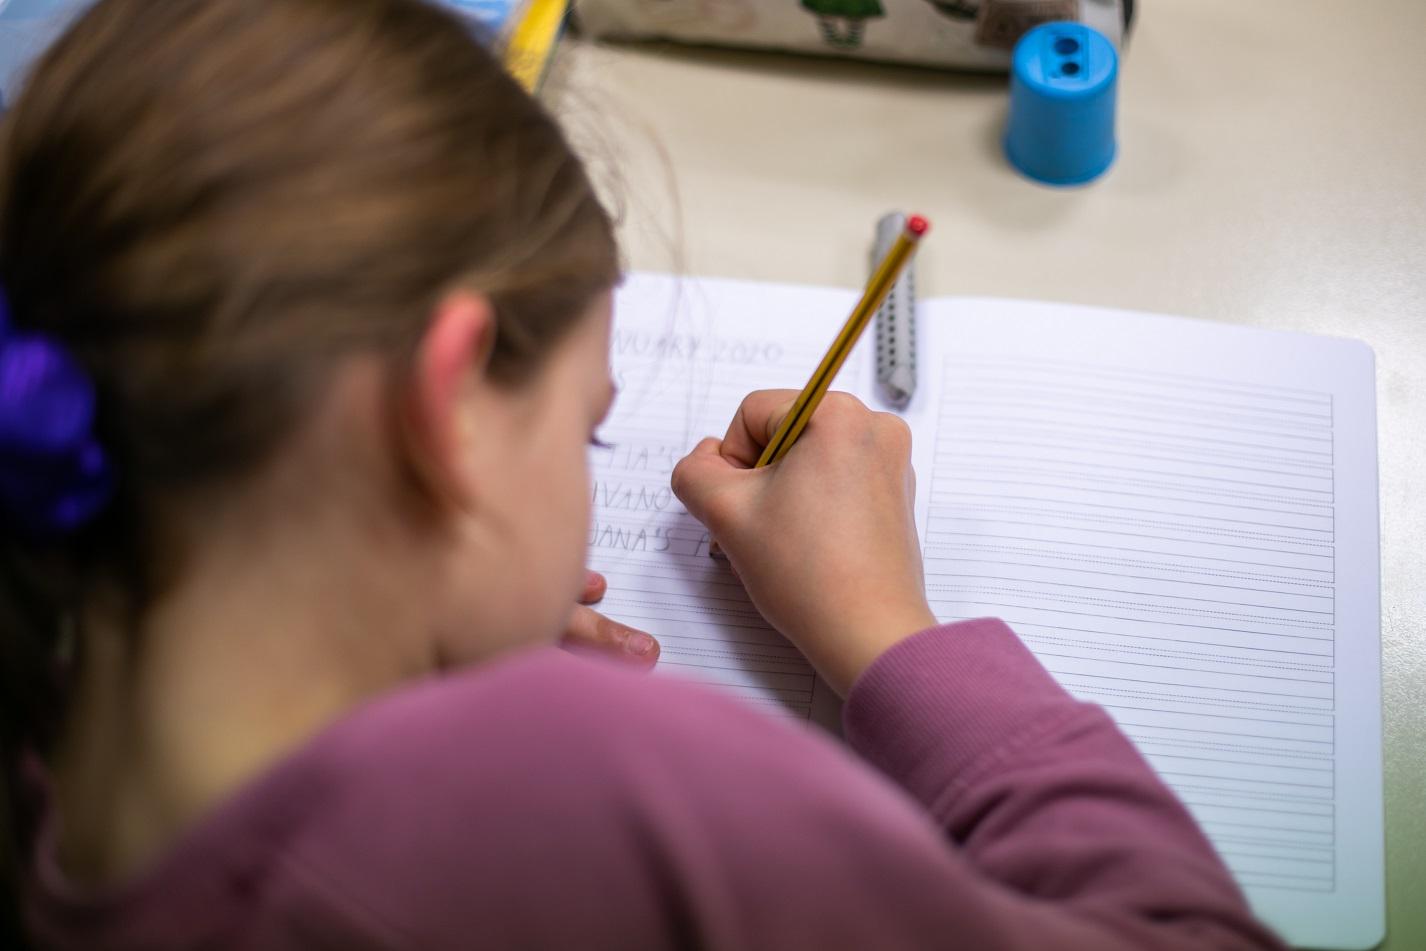 Škola Jantar objavljuje upise u školsku godinu 2020/2021